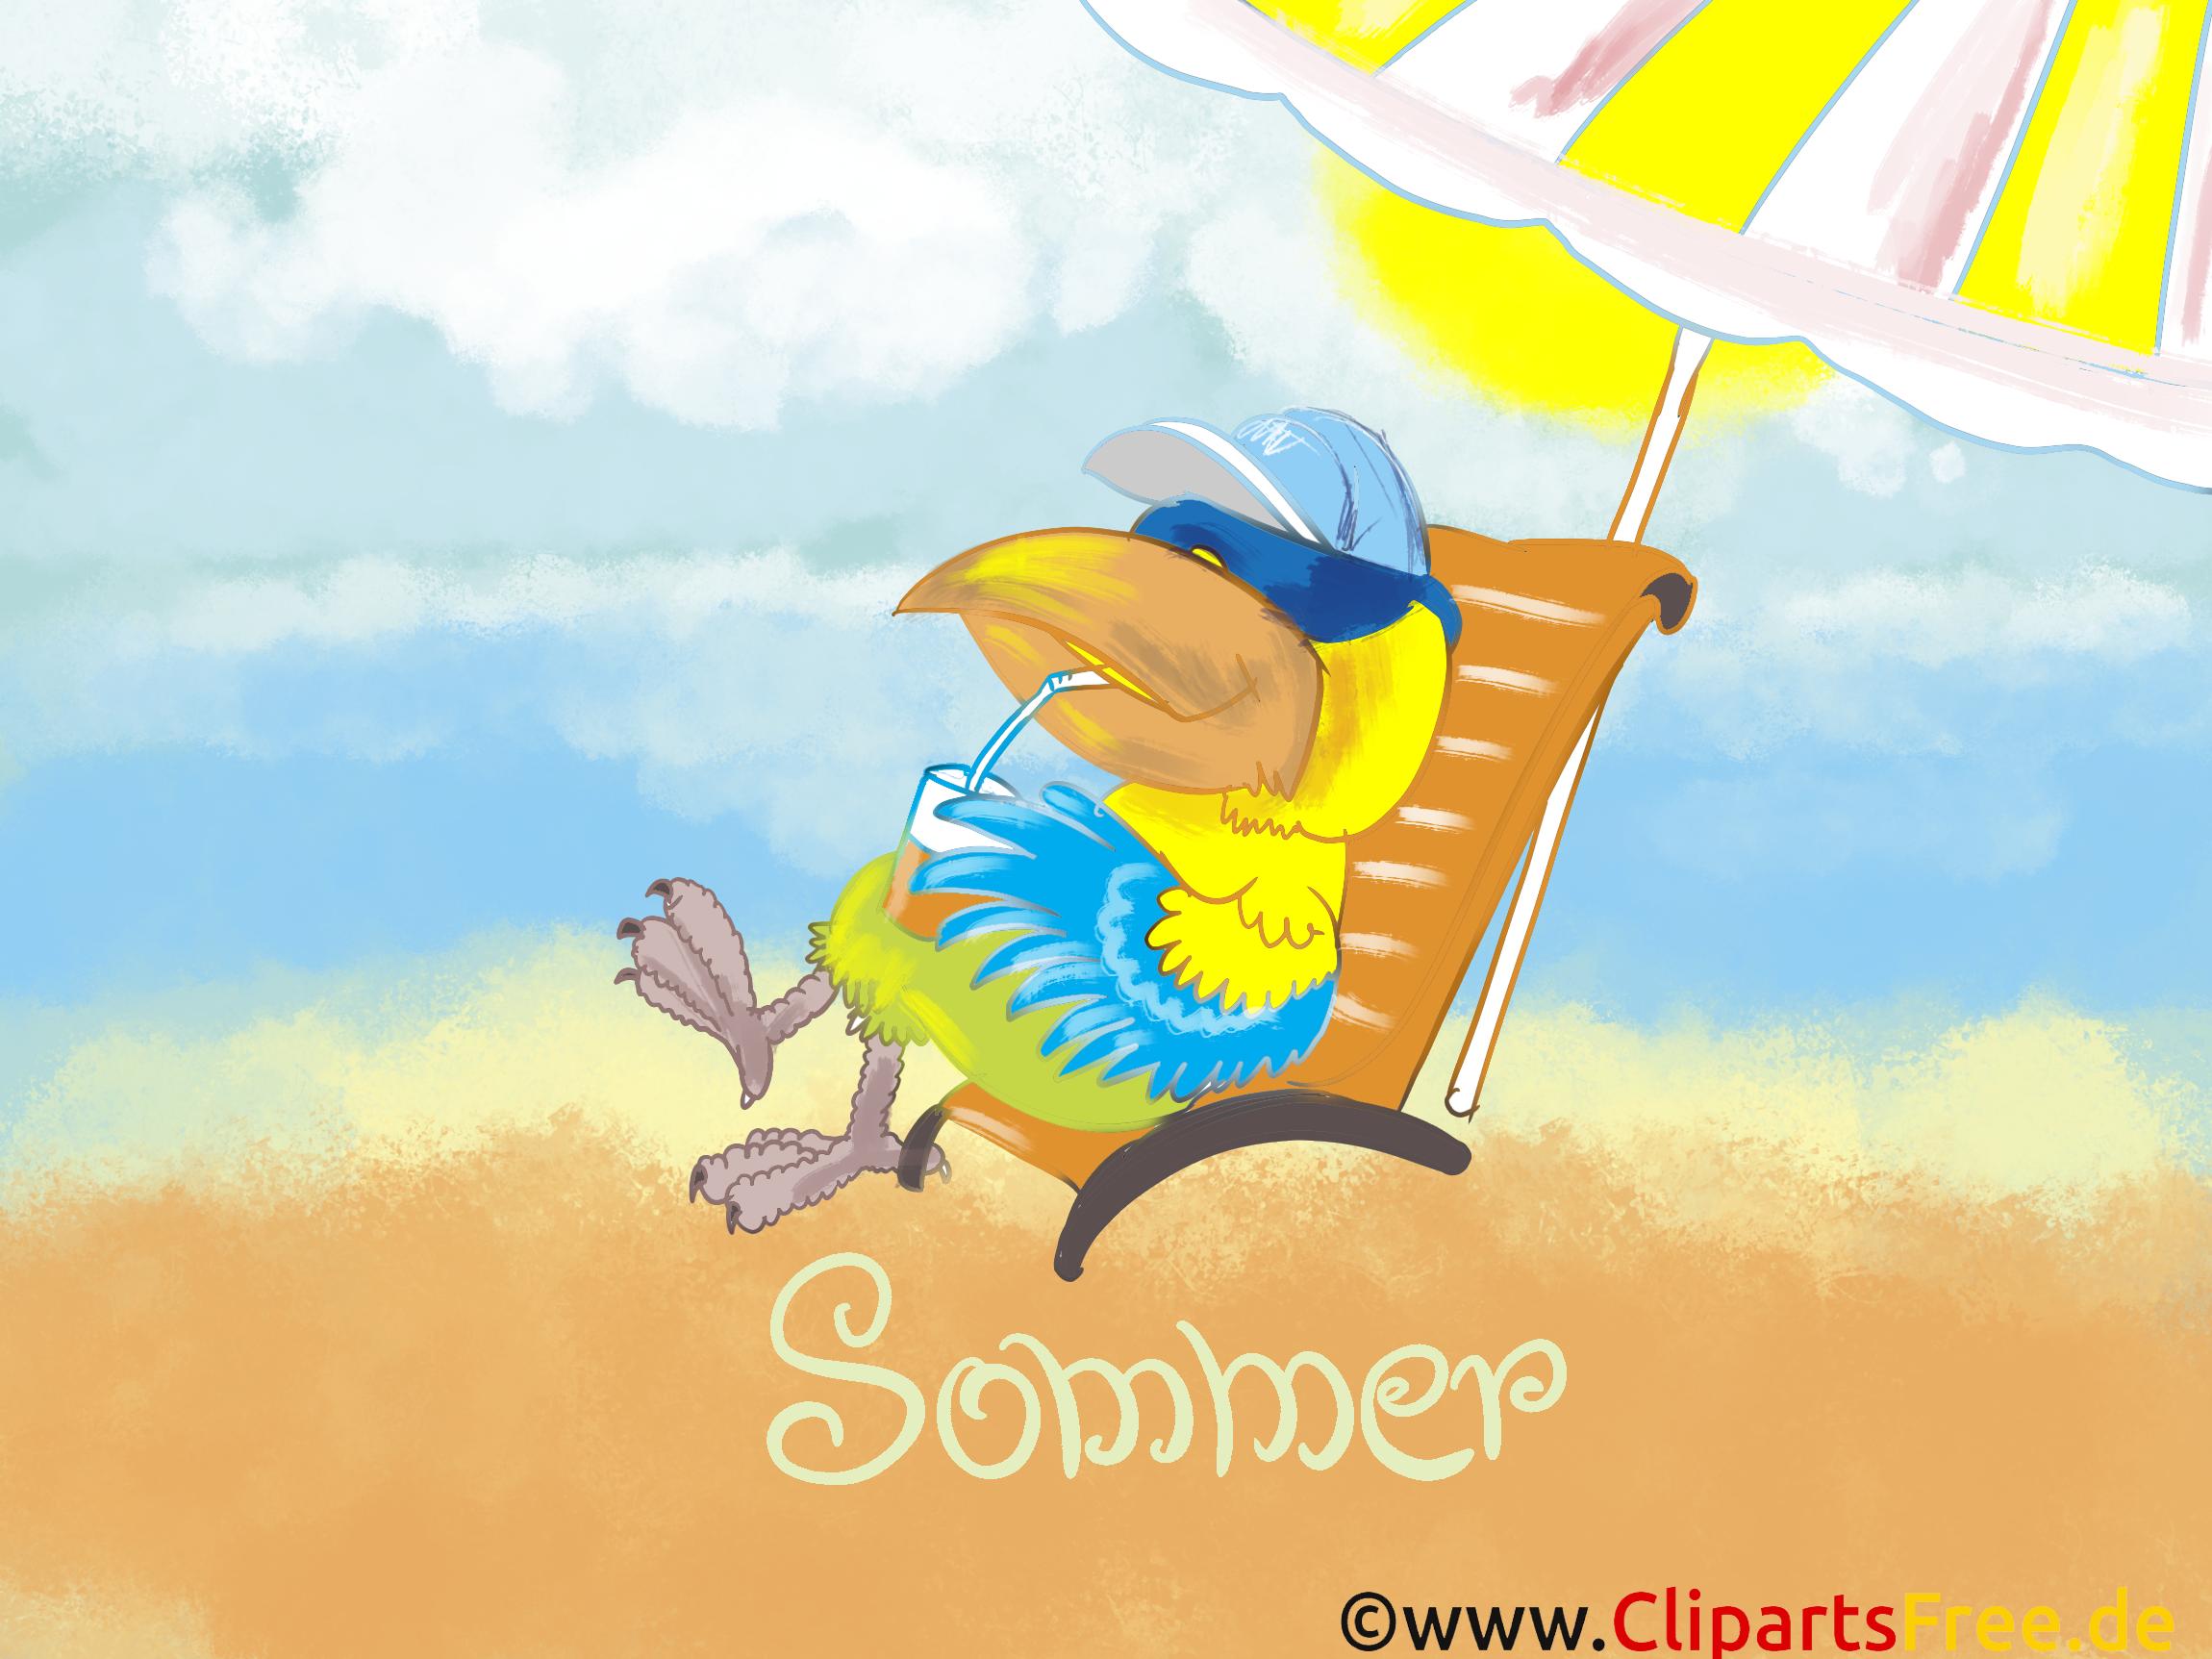 Sommerbilder kostenlos für Computer-Desktop